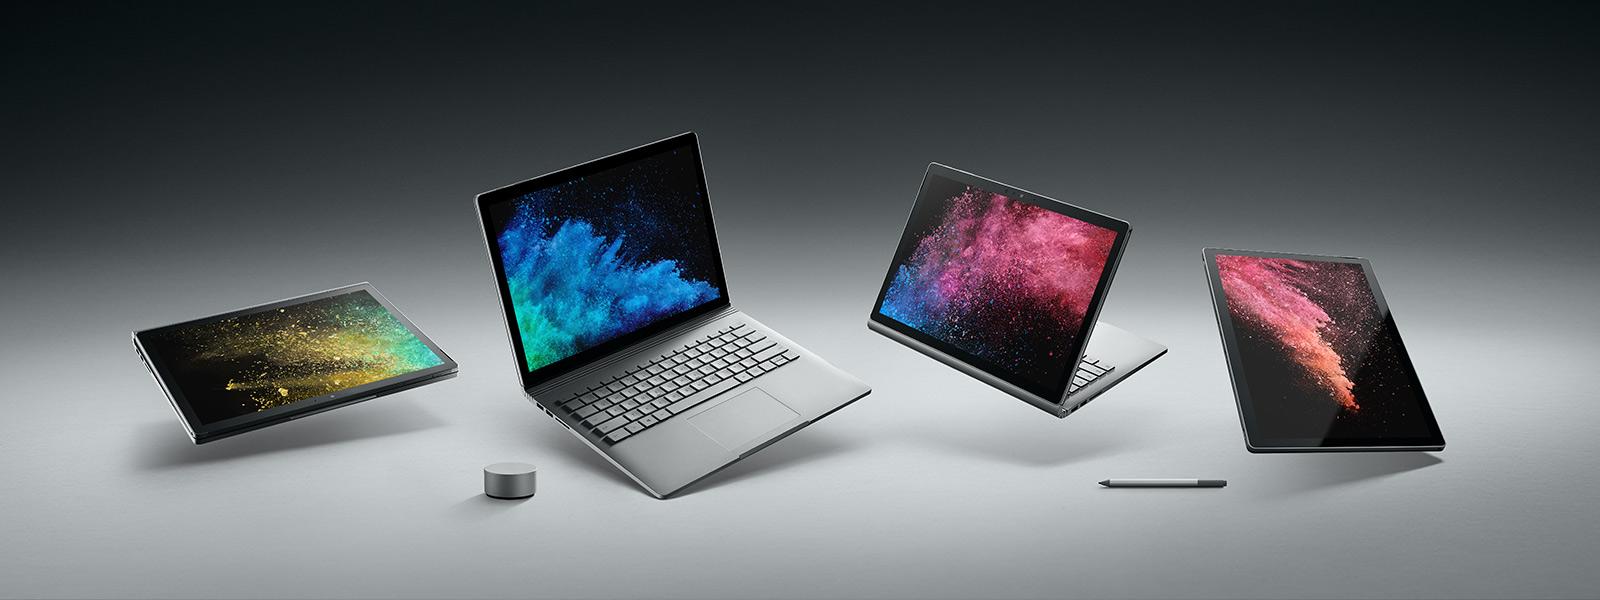 支持 Surface Dial 和 Surface 触控笔的全新Surface Book 2在不同模式下展示。